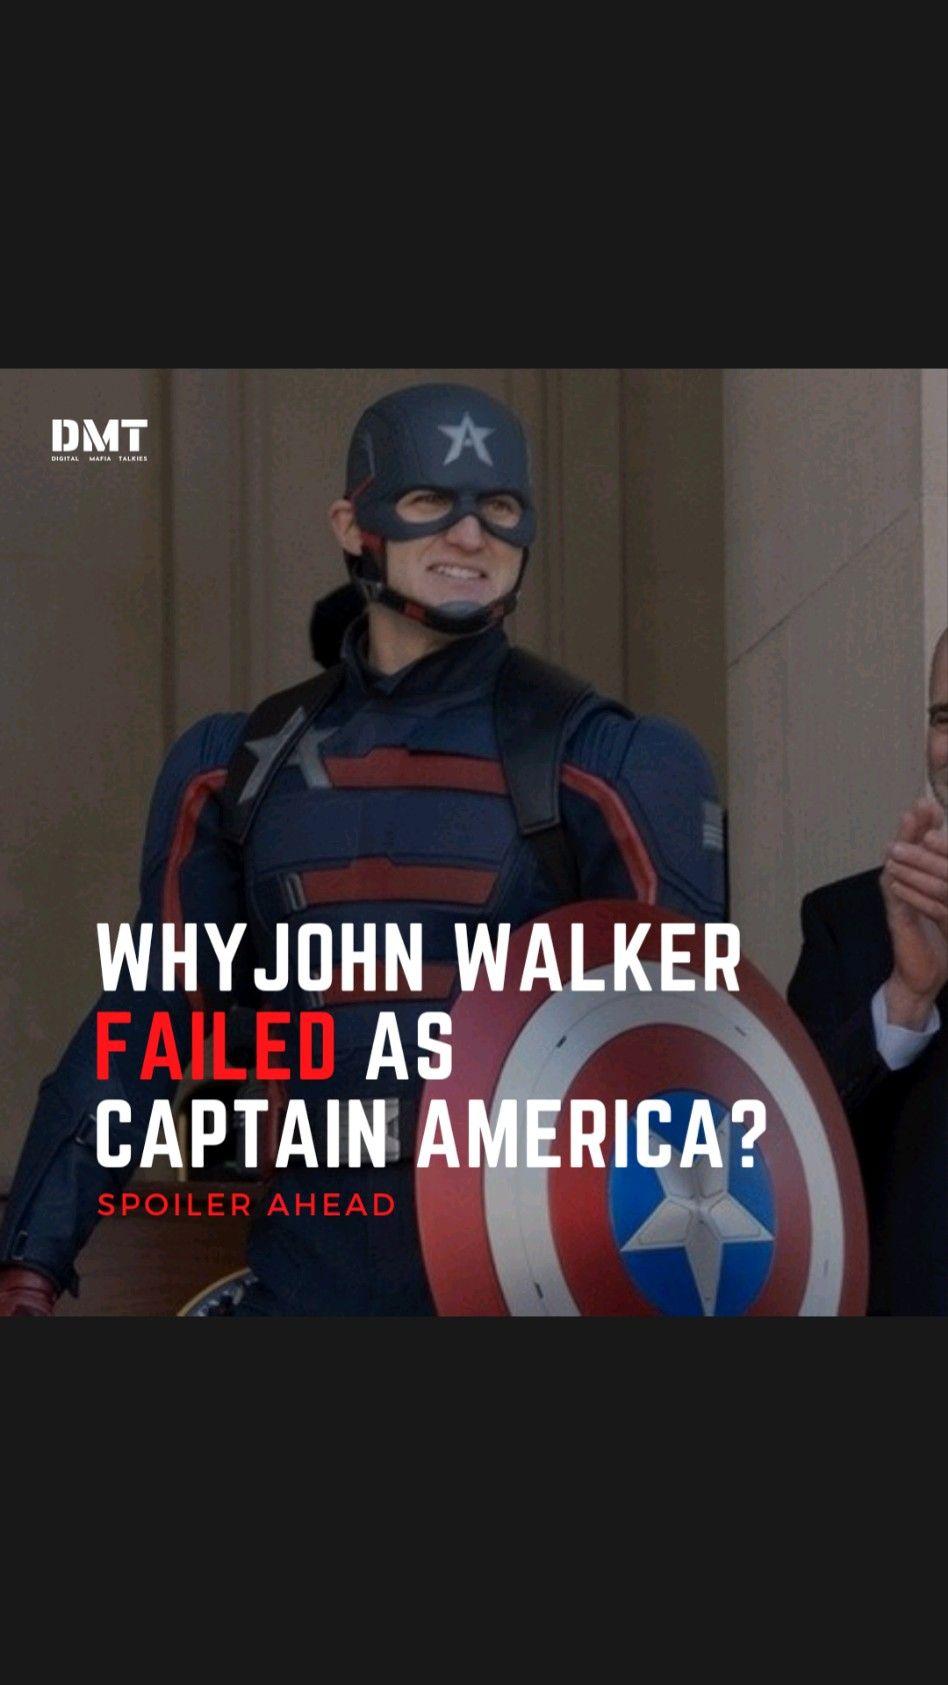 Why John Walker failed as Captain America?